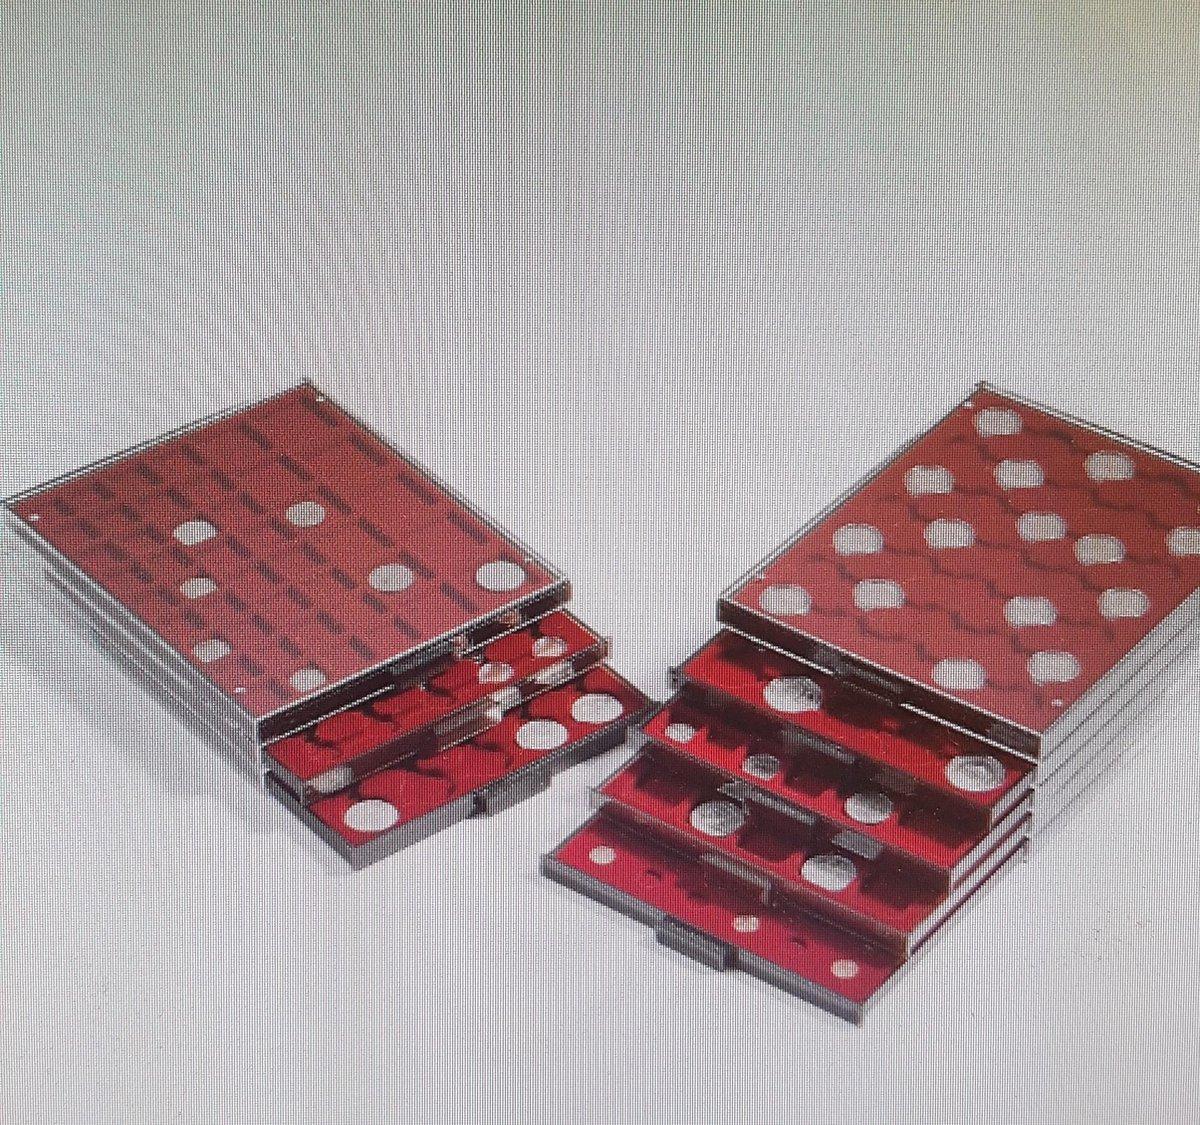 Leuchtturm muntcassette 30 vaks voor 10 euro munten/ ounce munten